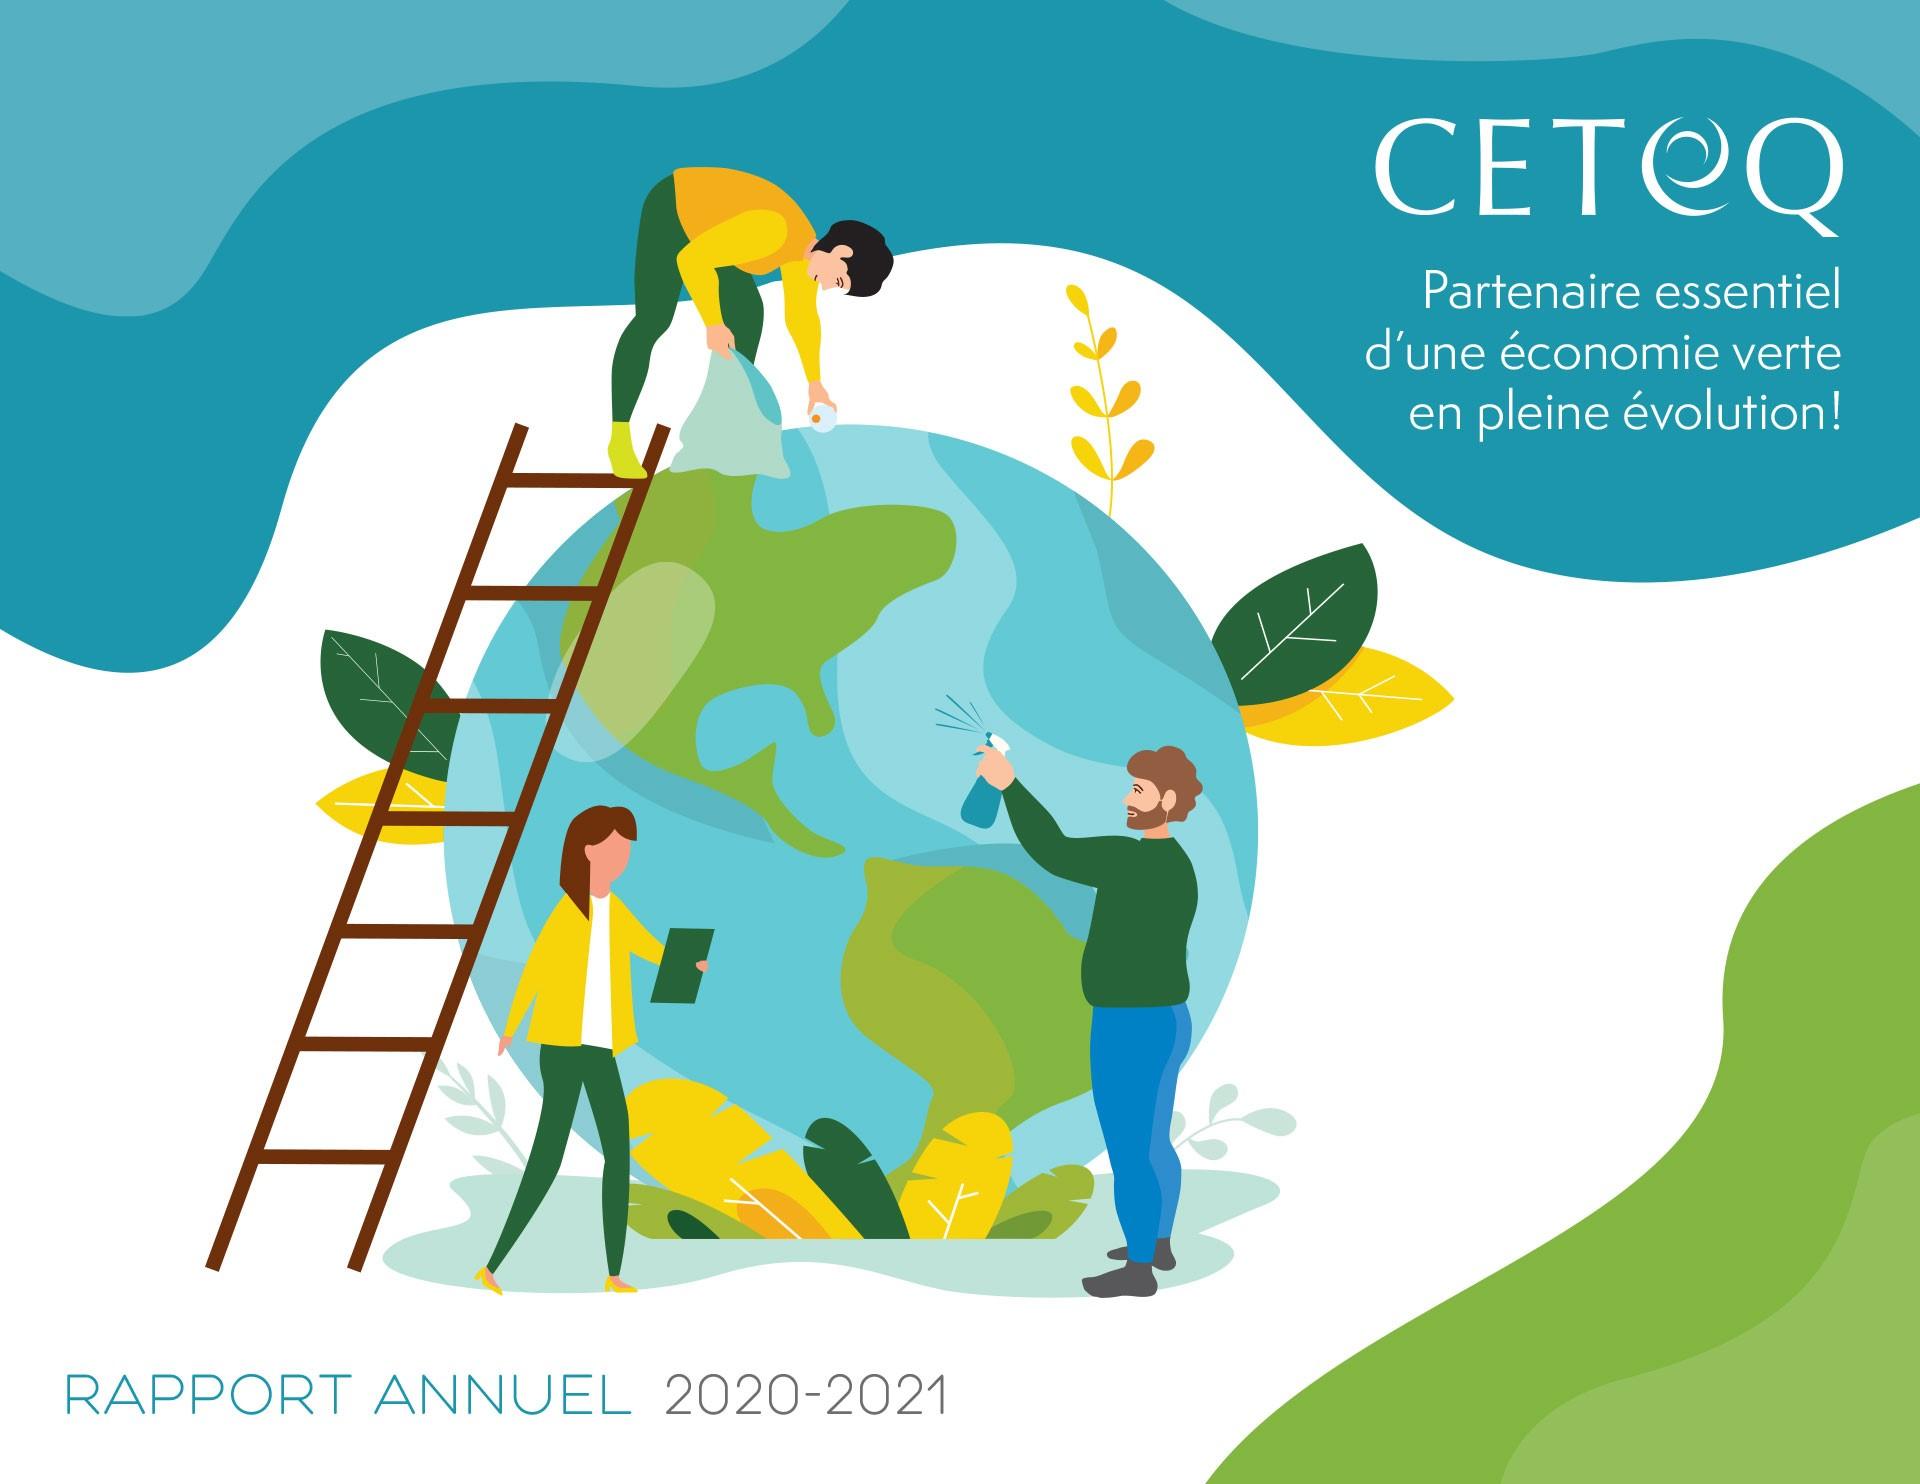 Découvrez notre rapport annuel 2020-2021!